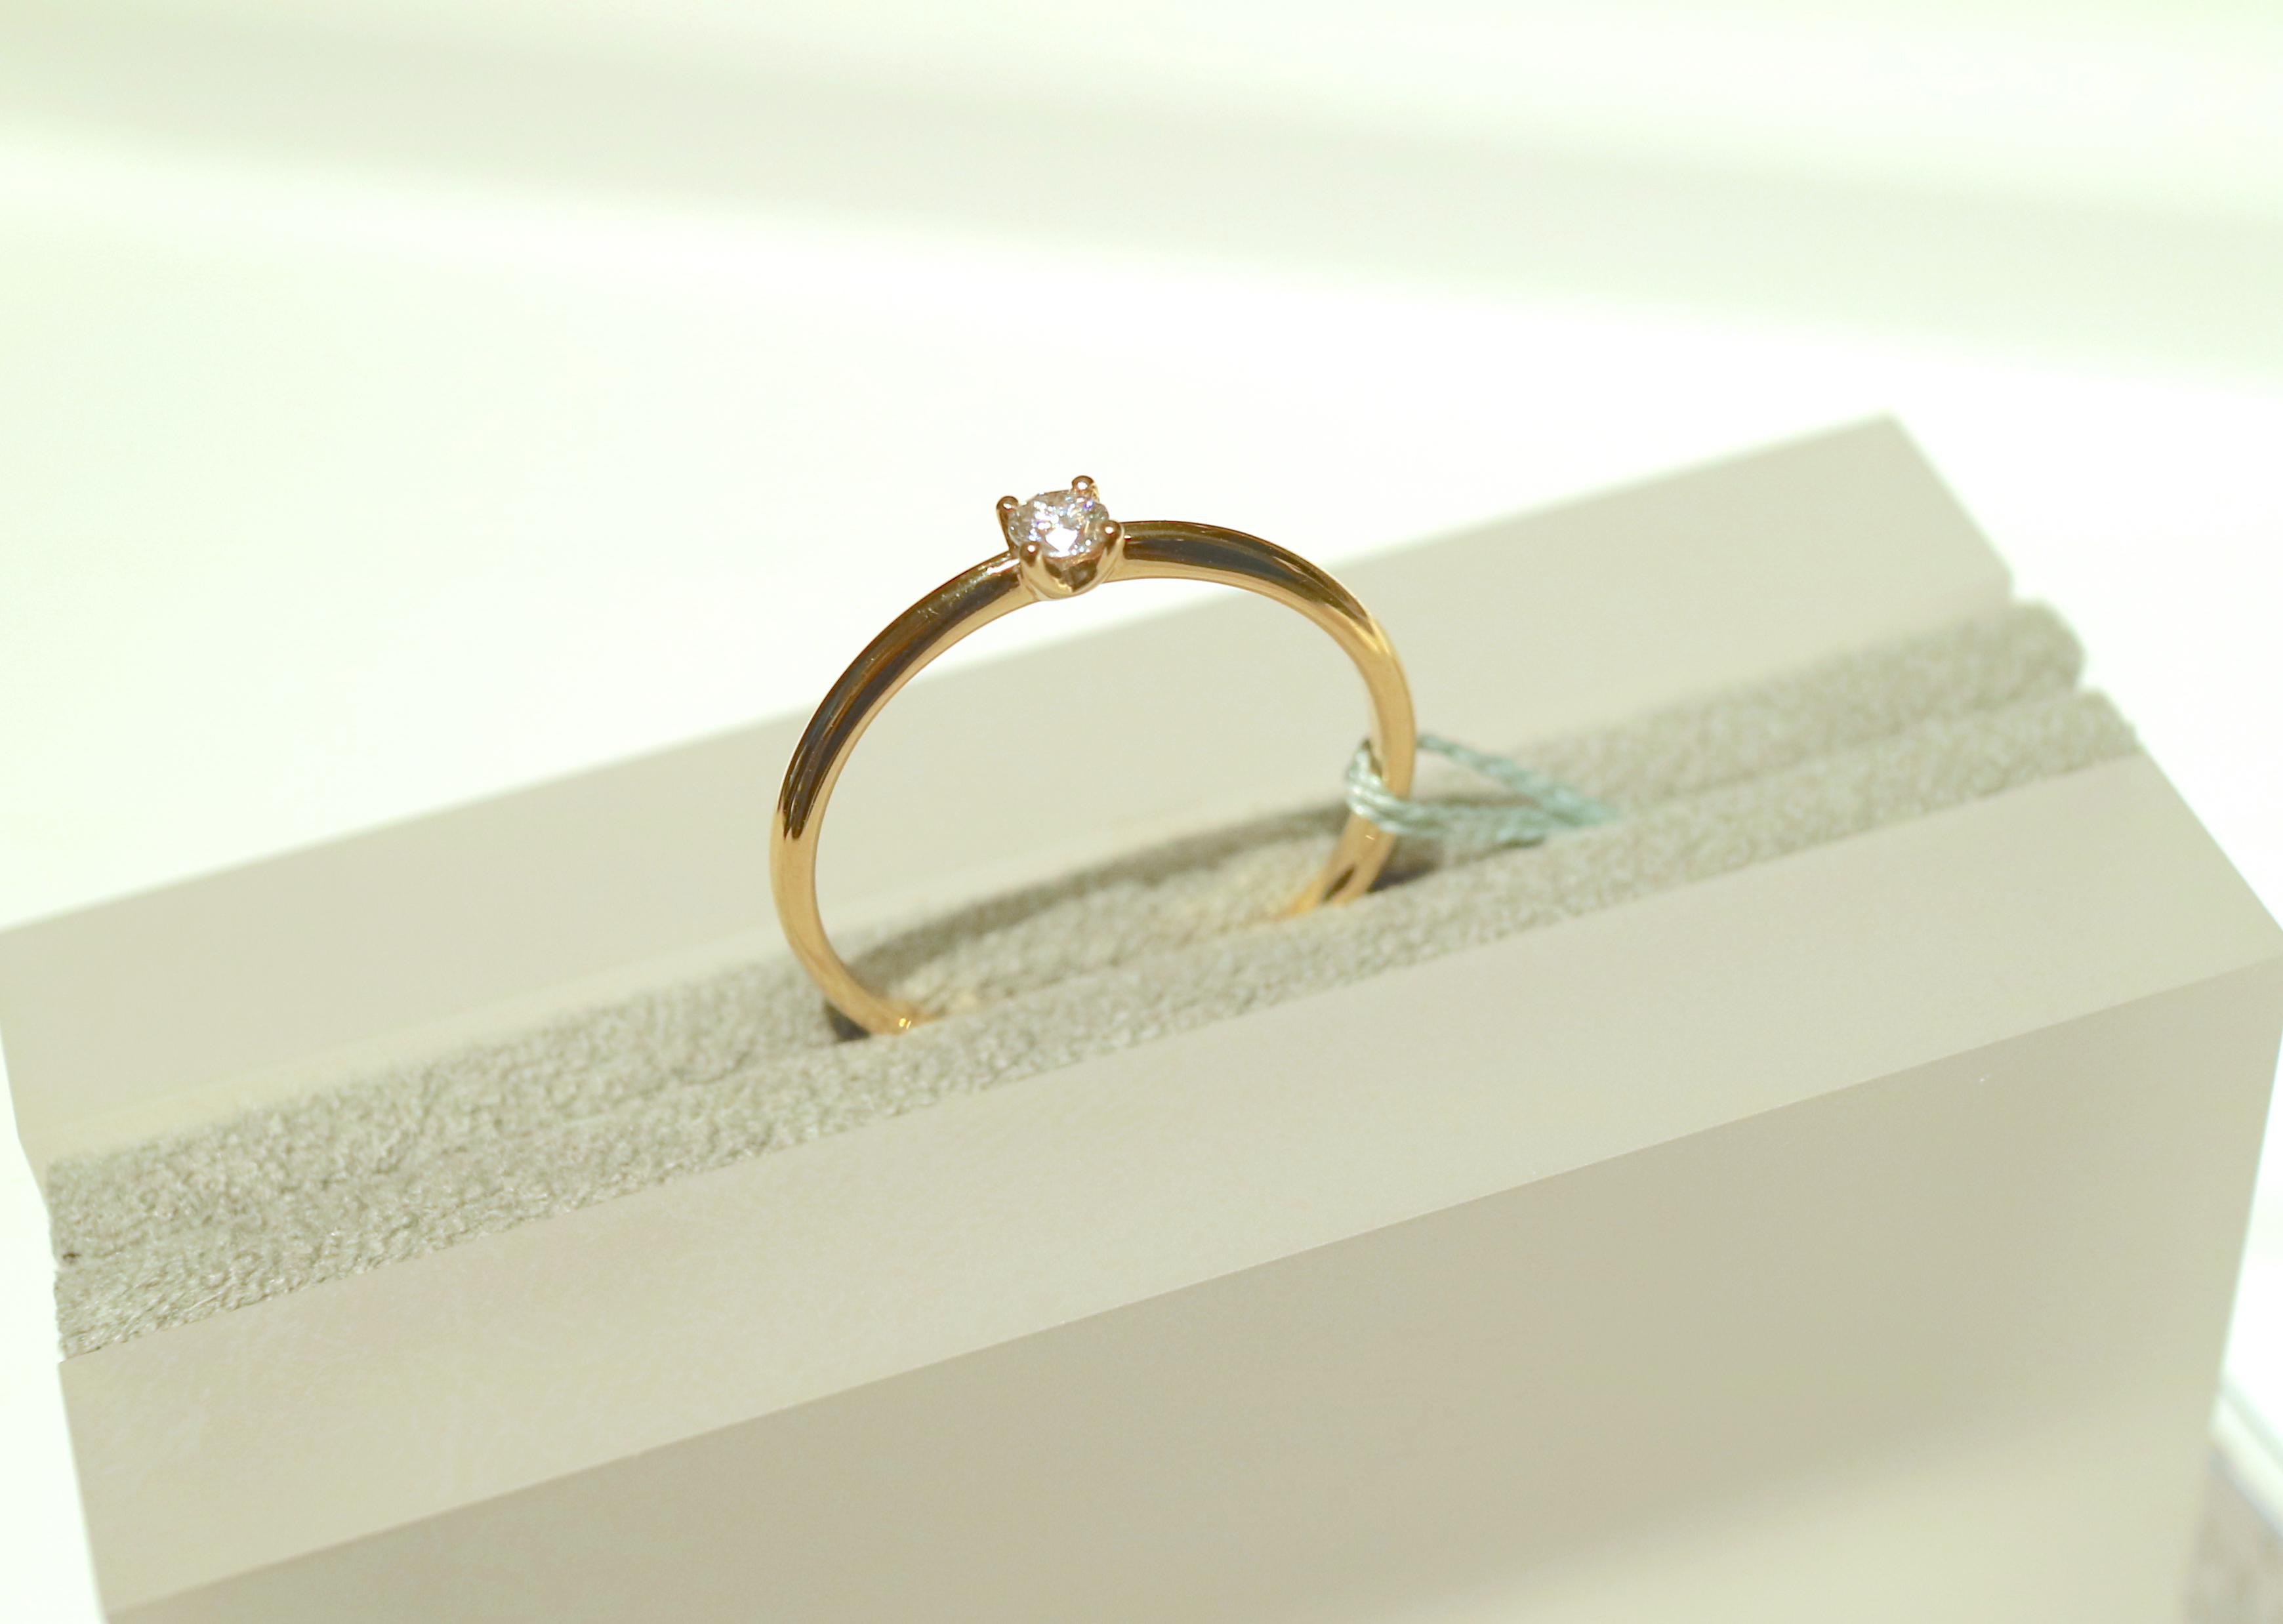 ラボ・グロウン ダイヤモンドのブランド『SHINCA』って知ってる? 銀座に都内初となる直営店がオープン!_3